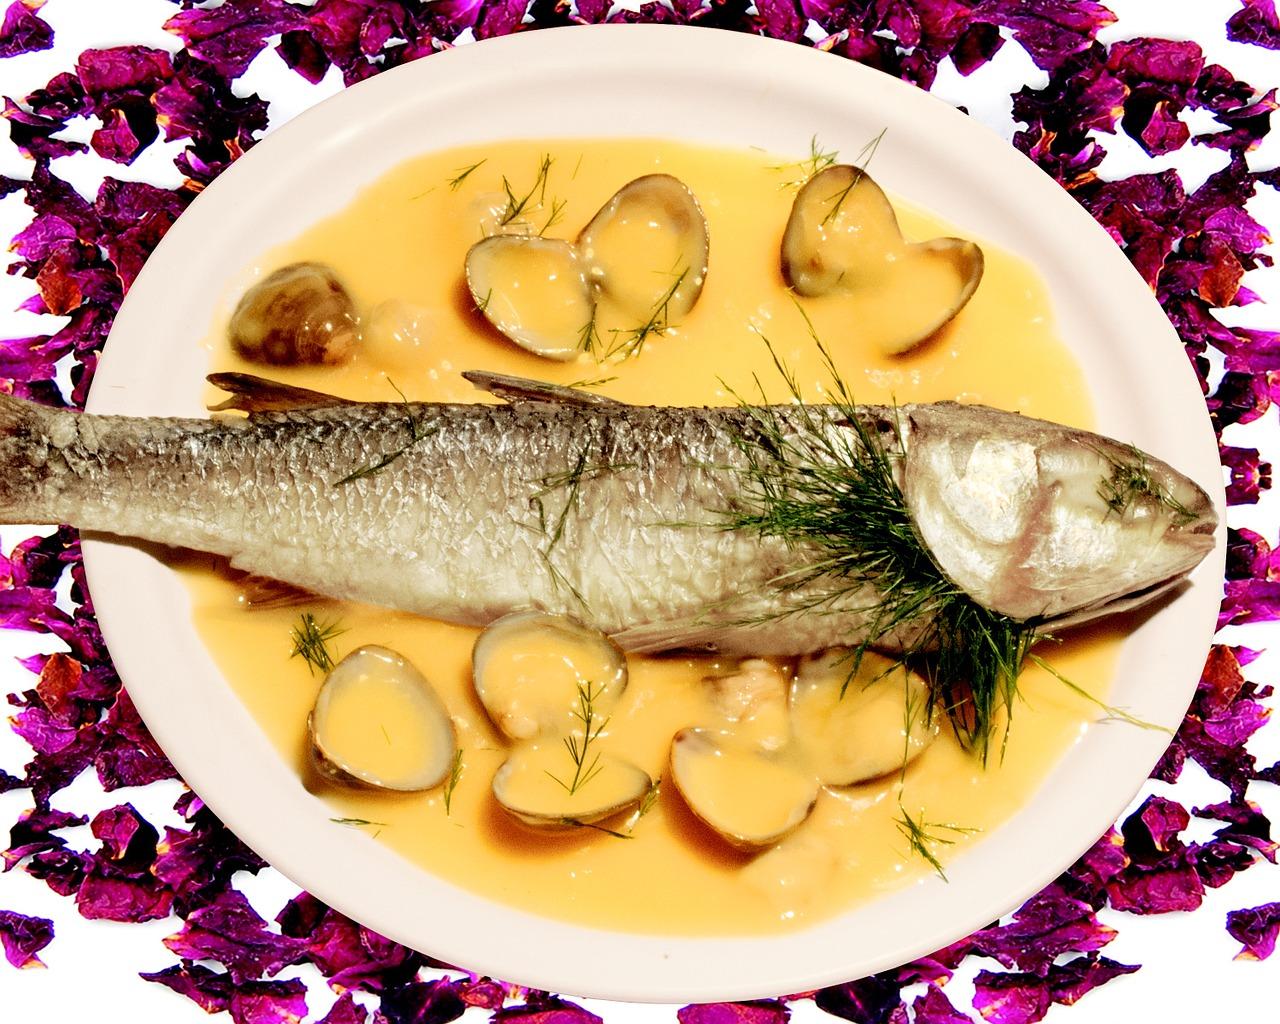 Frischer Fisch für eine ausgewogene Ernährung